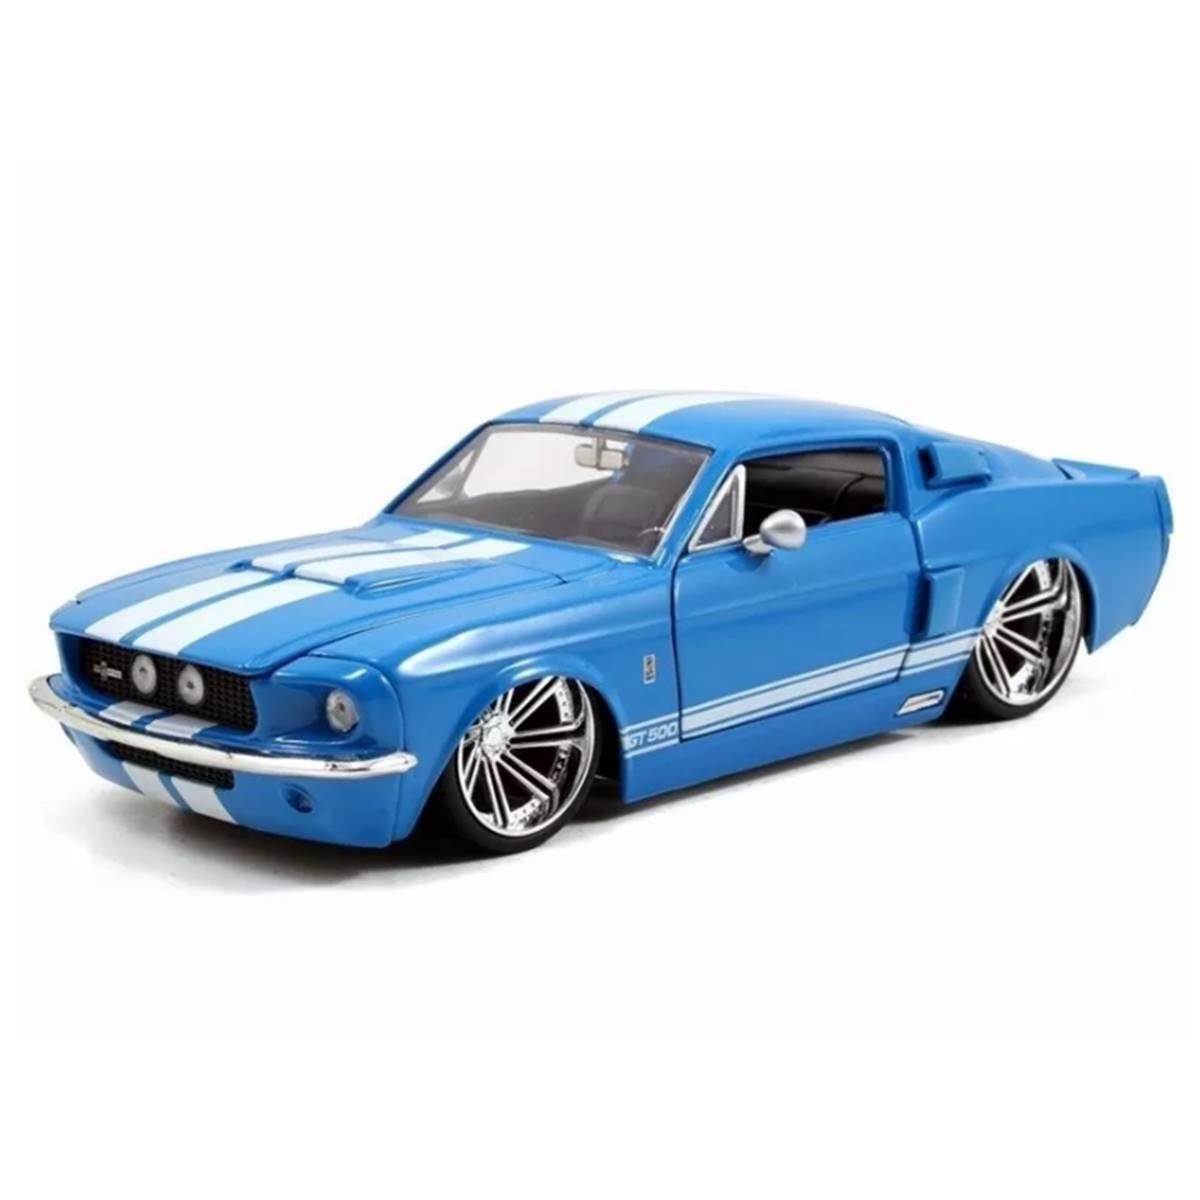 Ford Mustang Shelby Gt 500 1967 1 24 Jada Minimundi Com Br